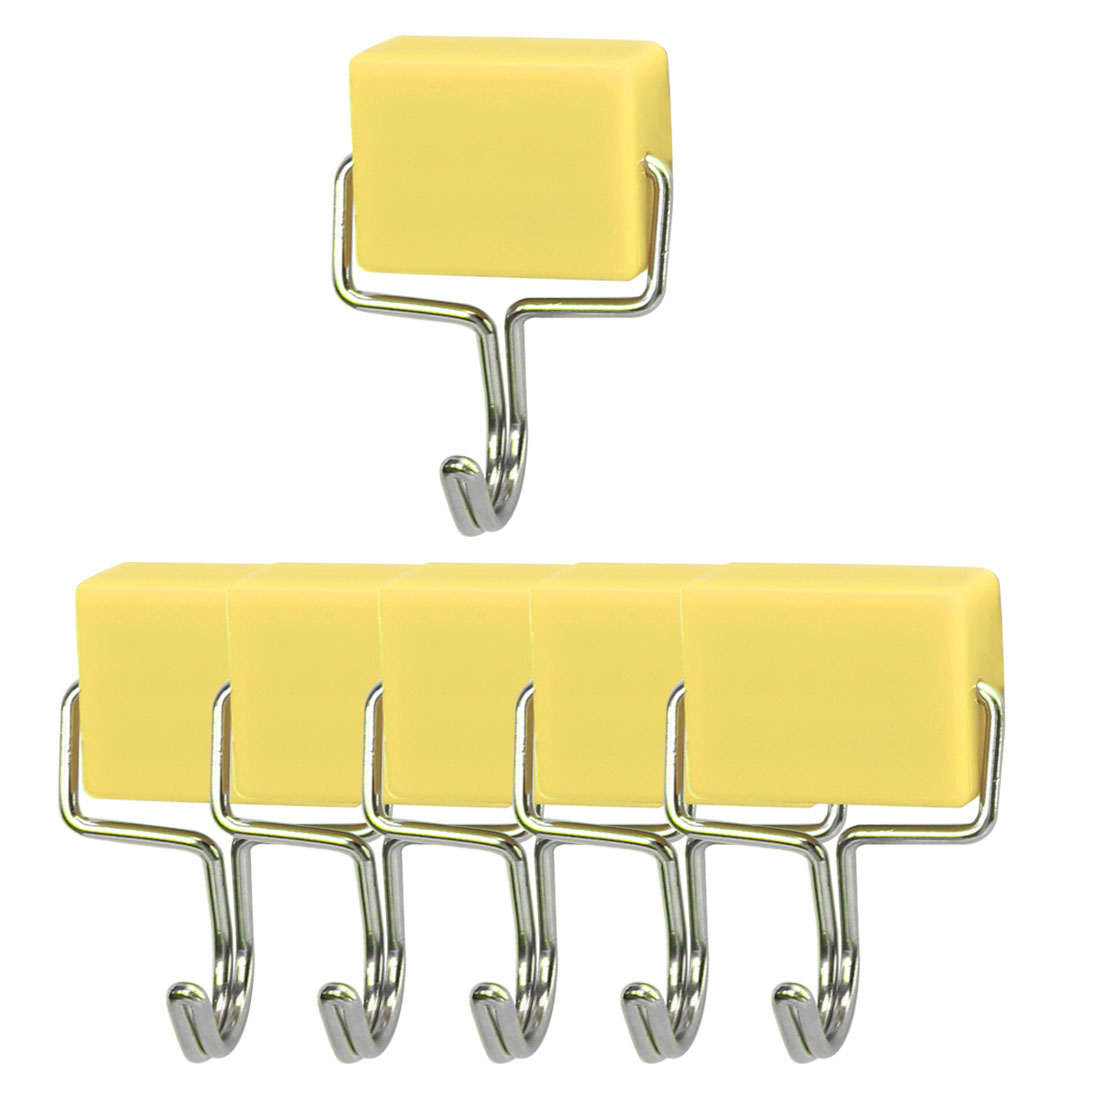 6pcs Magnetic Hook Stainless Steel Wall Hooks Hanger for Coat Hat Holder Yellow